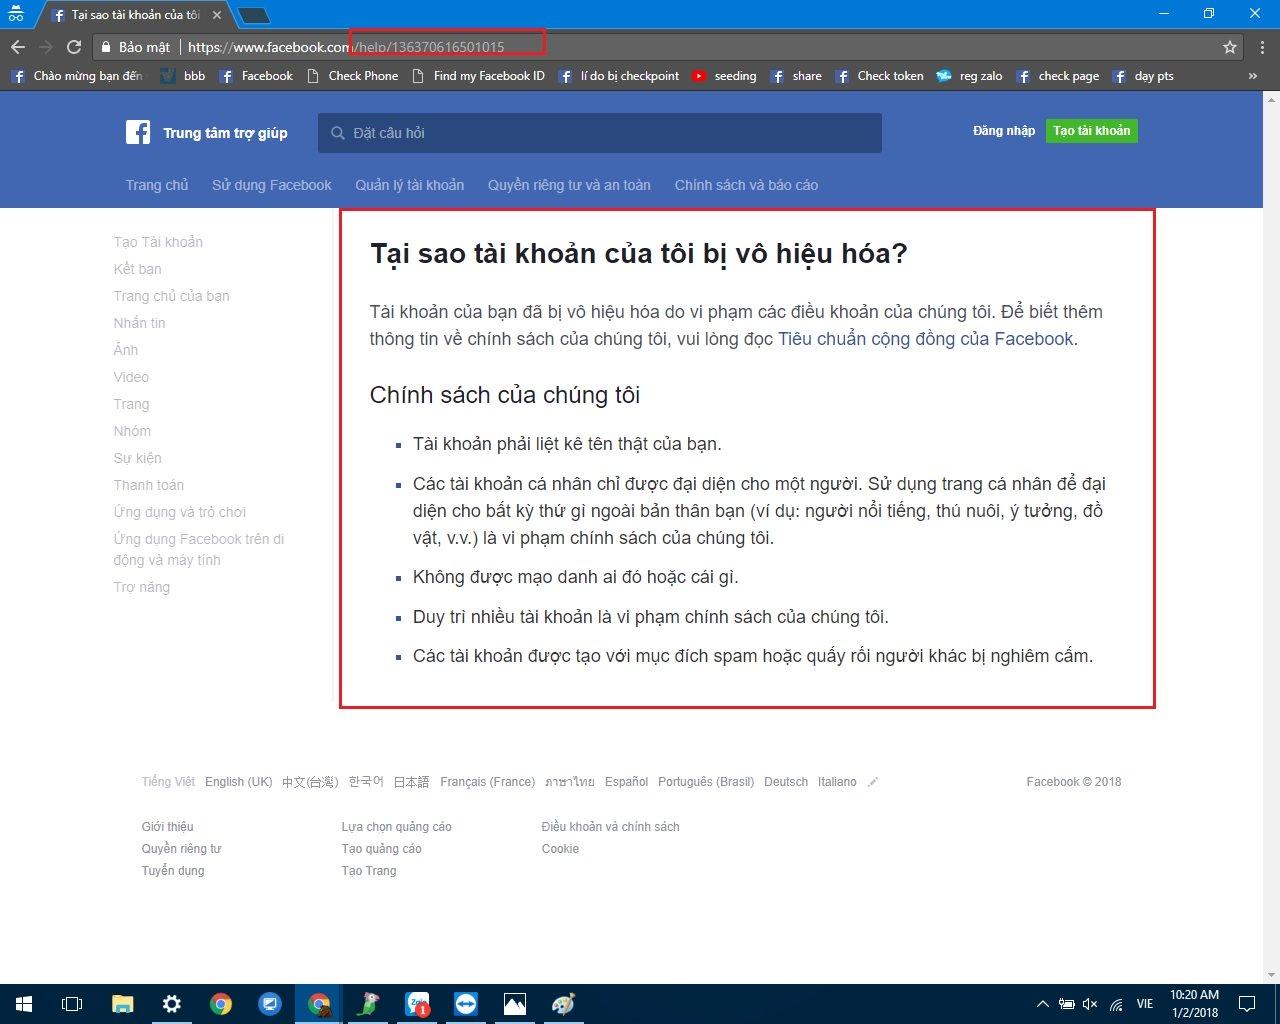 Cách khôi phục tài khoản facebook khi bị vô hiệu hoá, FAQ 2020 3